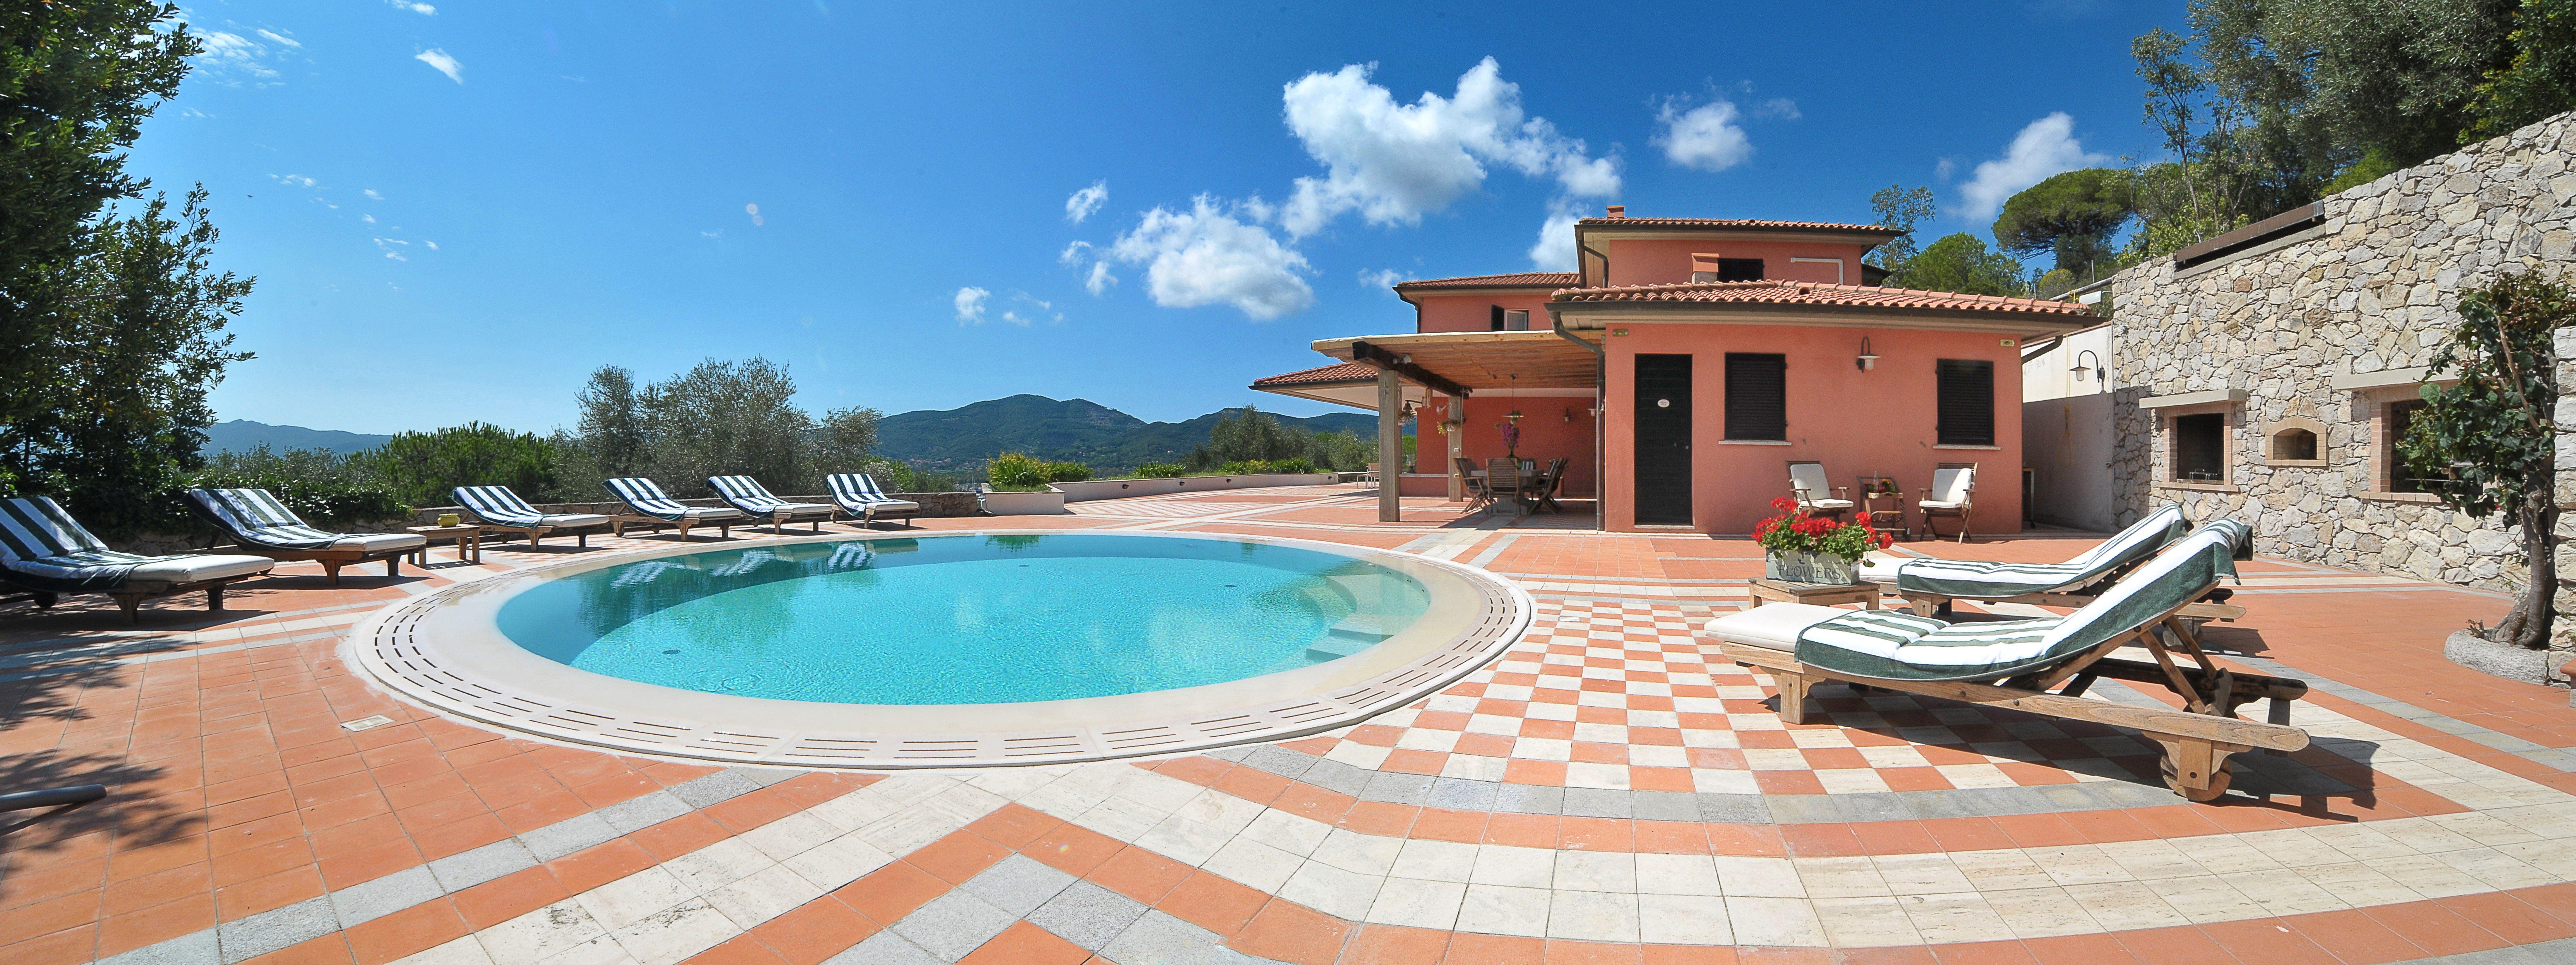 Vendita villa con piscina a portoferraio livorno toscana italia ville casali vendita - Ville con piscina in vendita ...